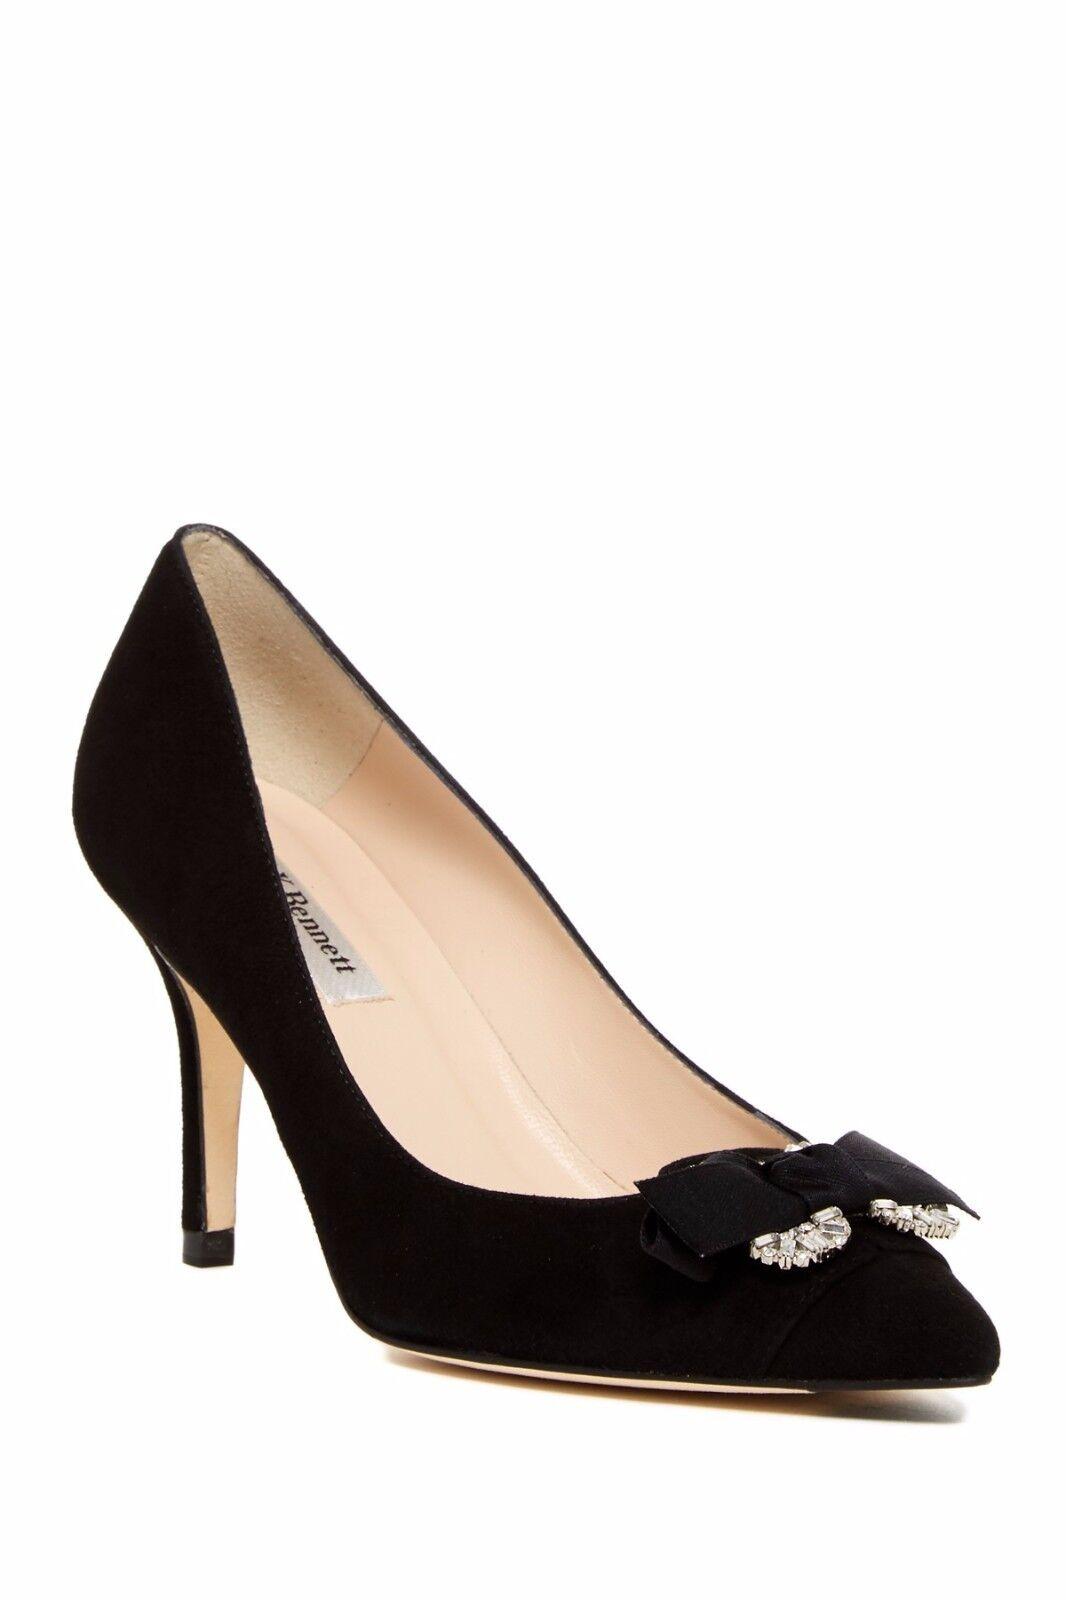 Nuevo Nuevo Nuevo  425 L. K. Bennett Primrosadododo Bomba De Gamuza Negra Zapato Tacón 38.5 Puntera Puntiaguda Arco  auténtico